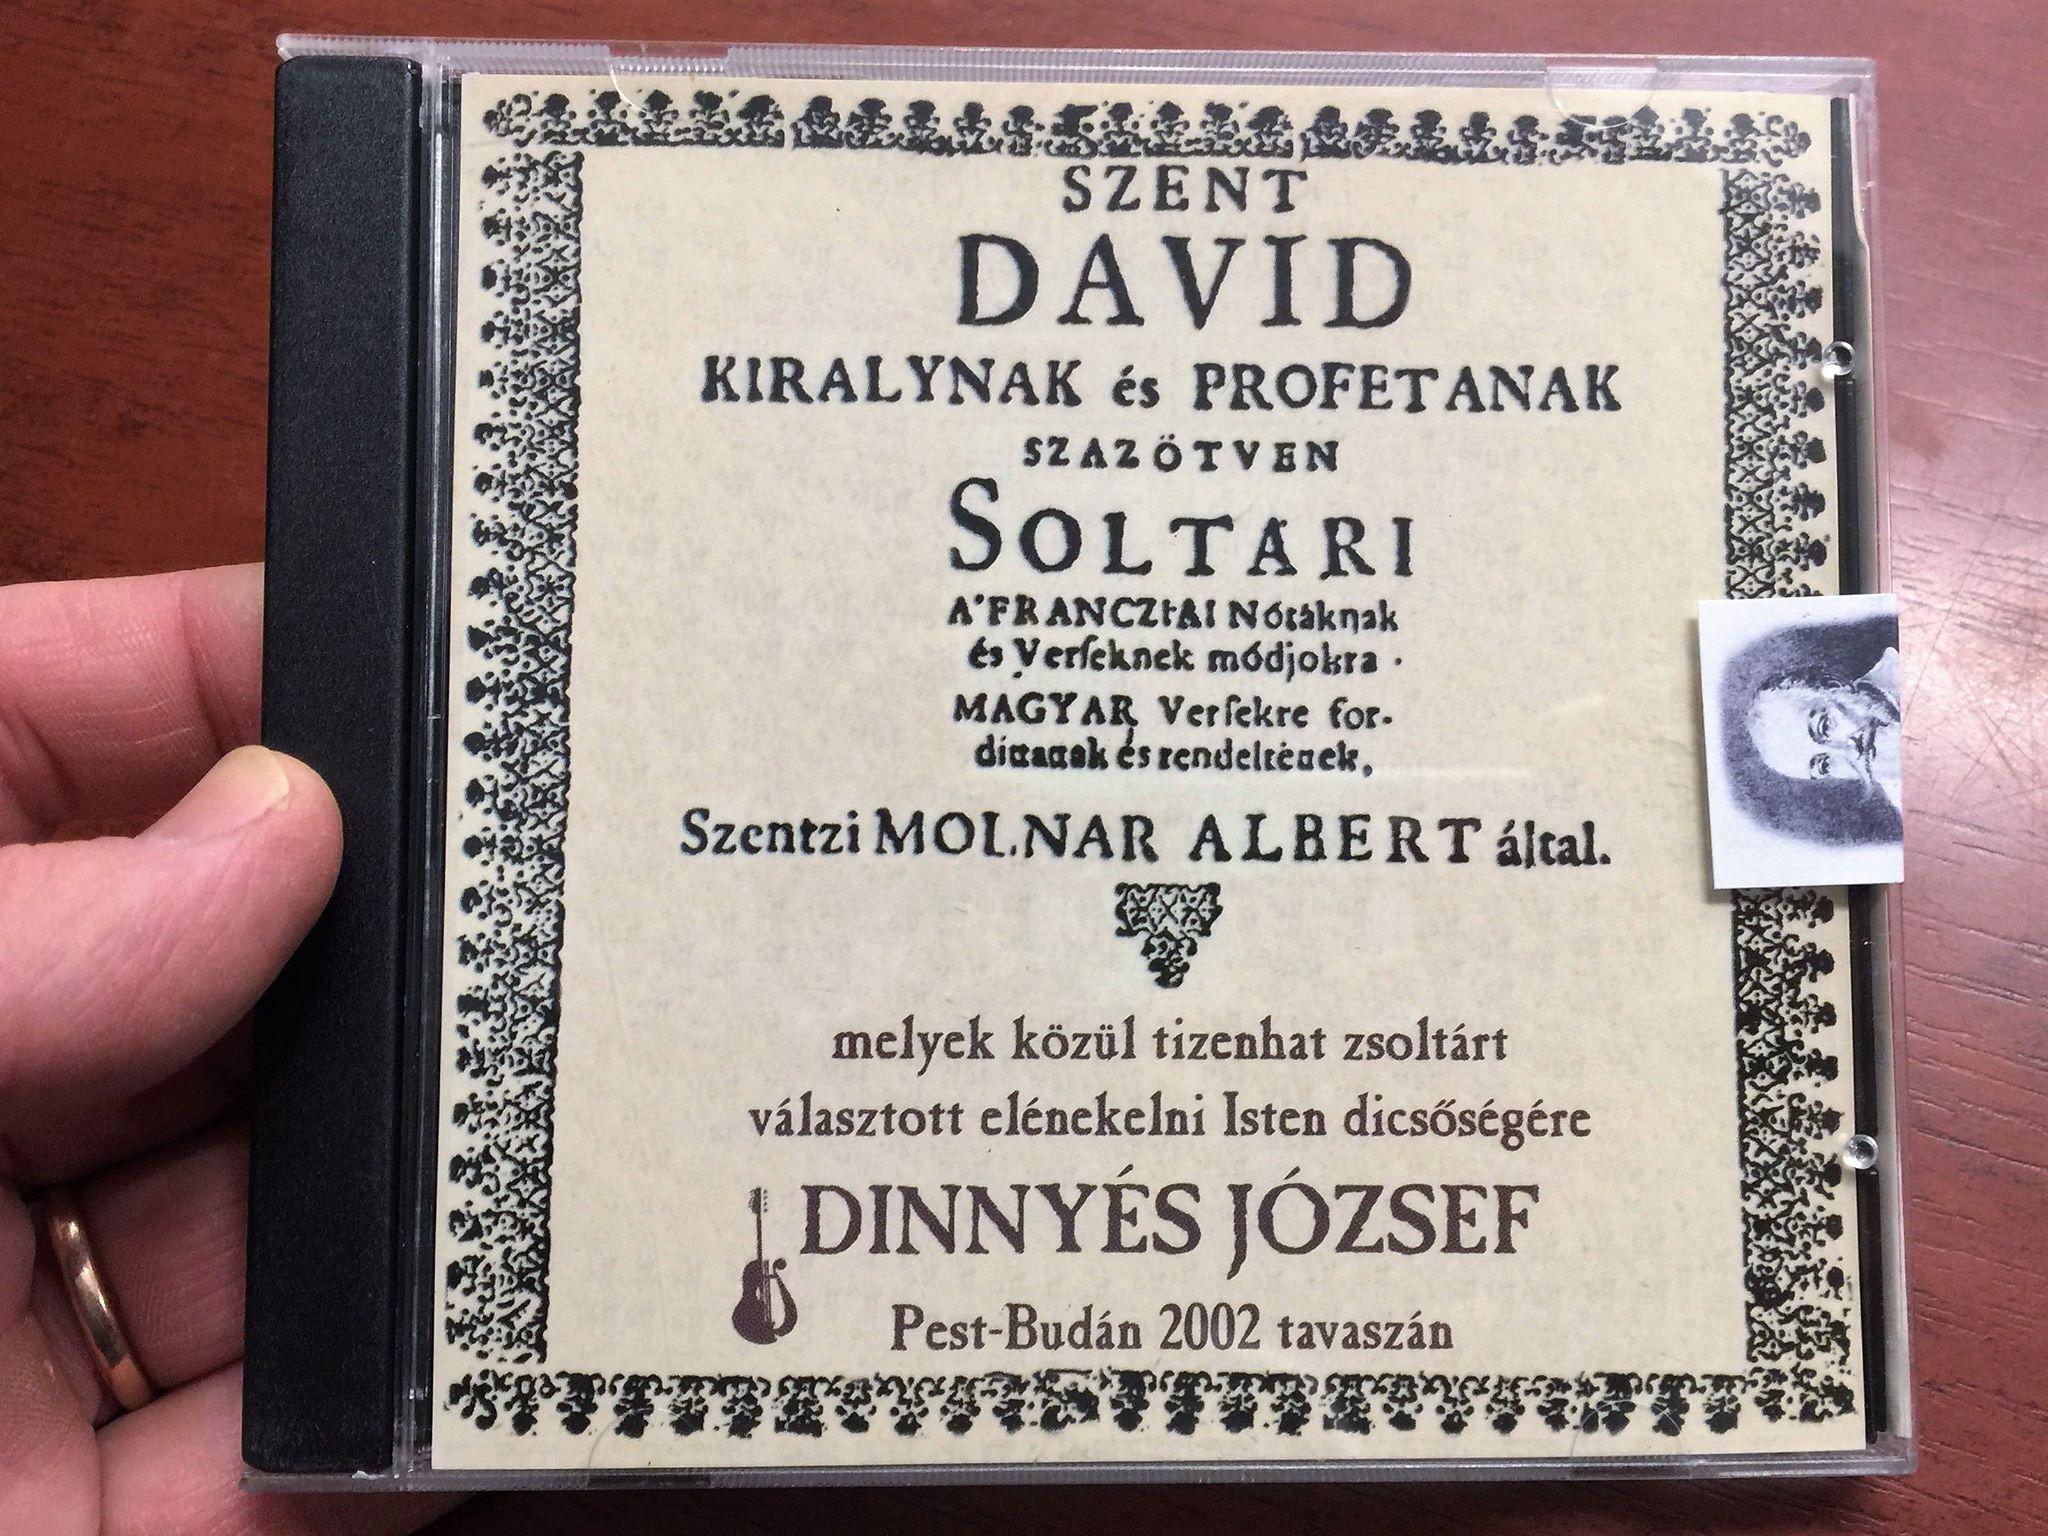 tizenhat-zsolt-r-sixteen-psalms-dinny-s-j-zsef-hungarian-cd-2002-1-.jpg